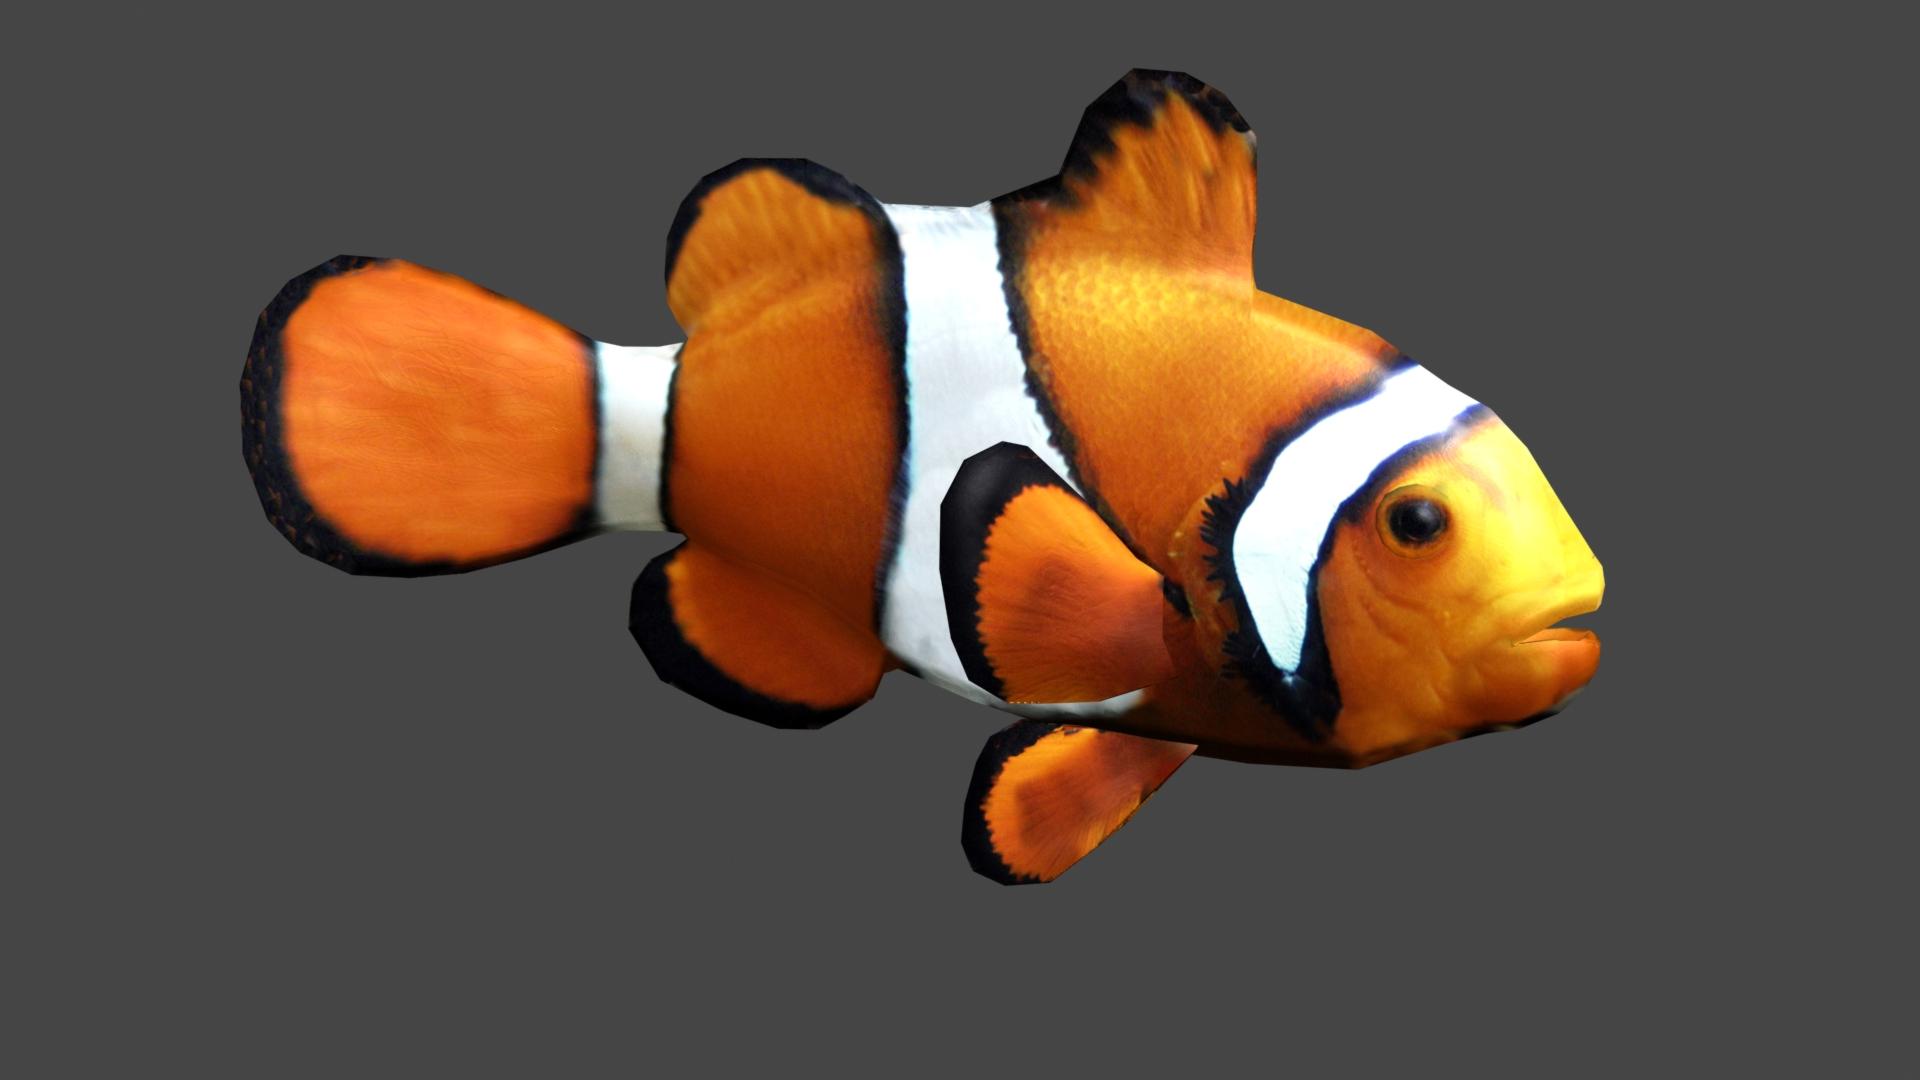 Clownfish - скачать на русском для скайпа (клоунфиш) для изменения 59